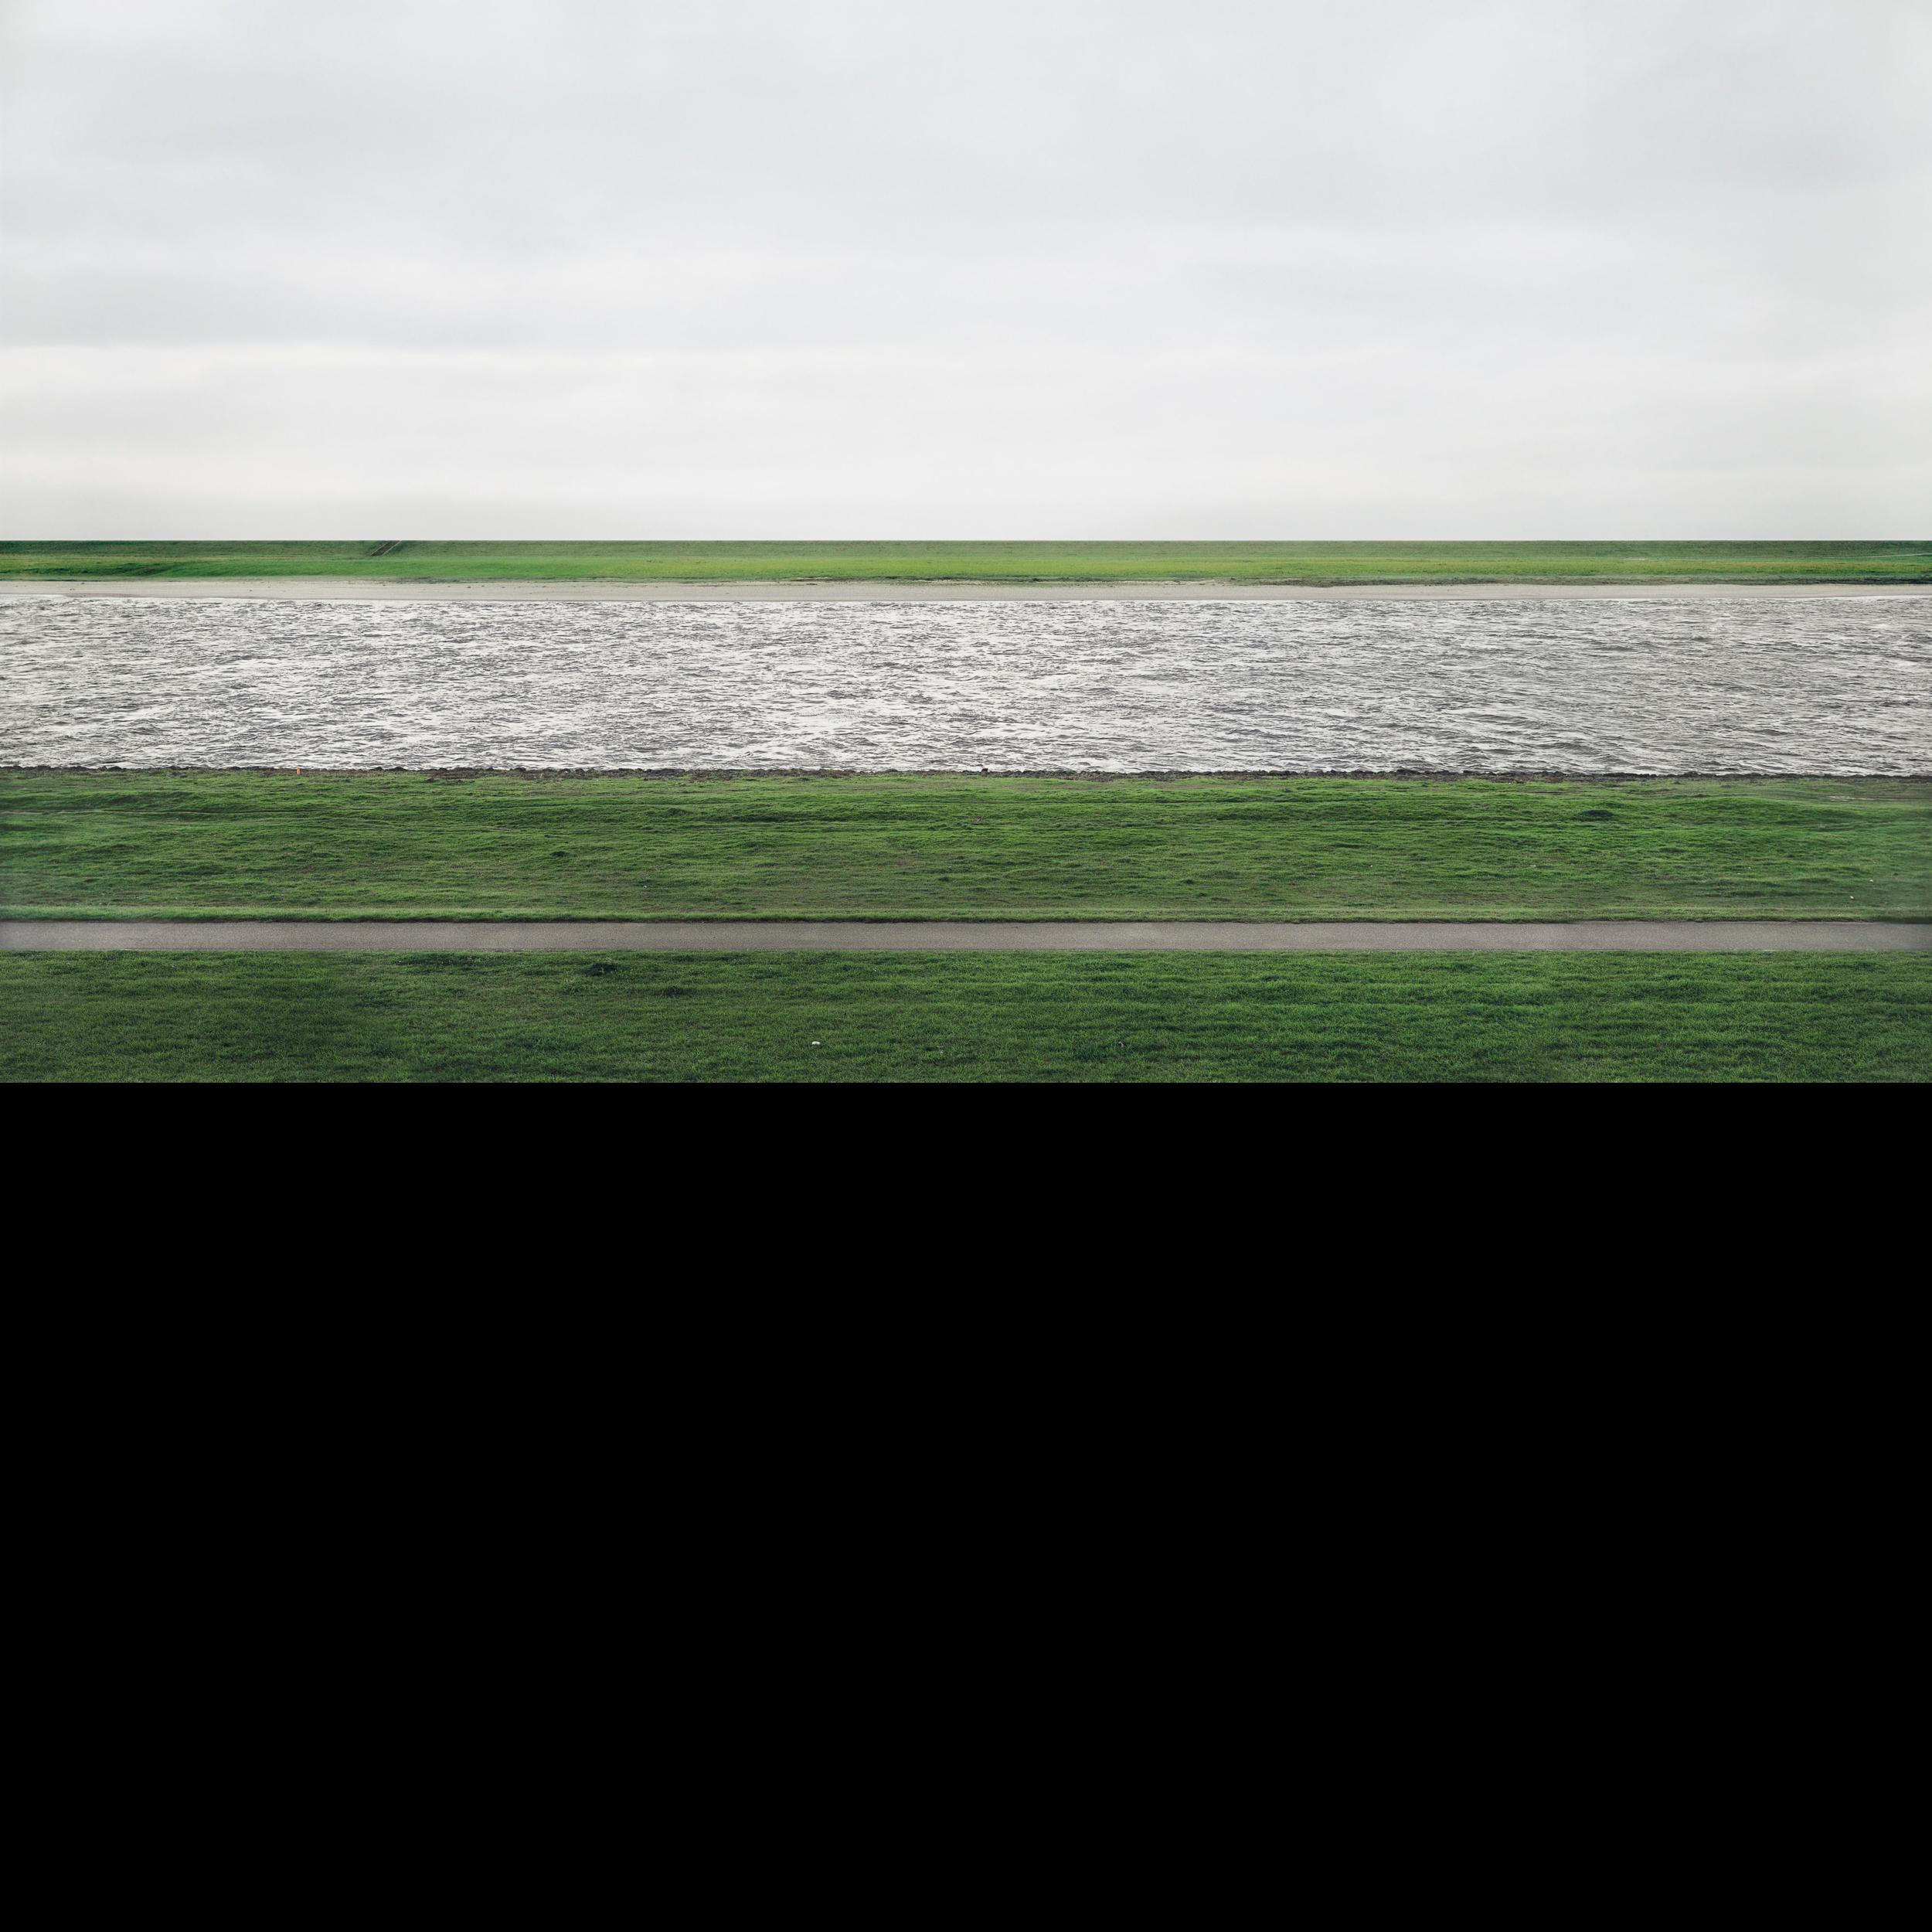 Andreas Gursky,The Rhine II, 1999